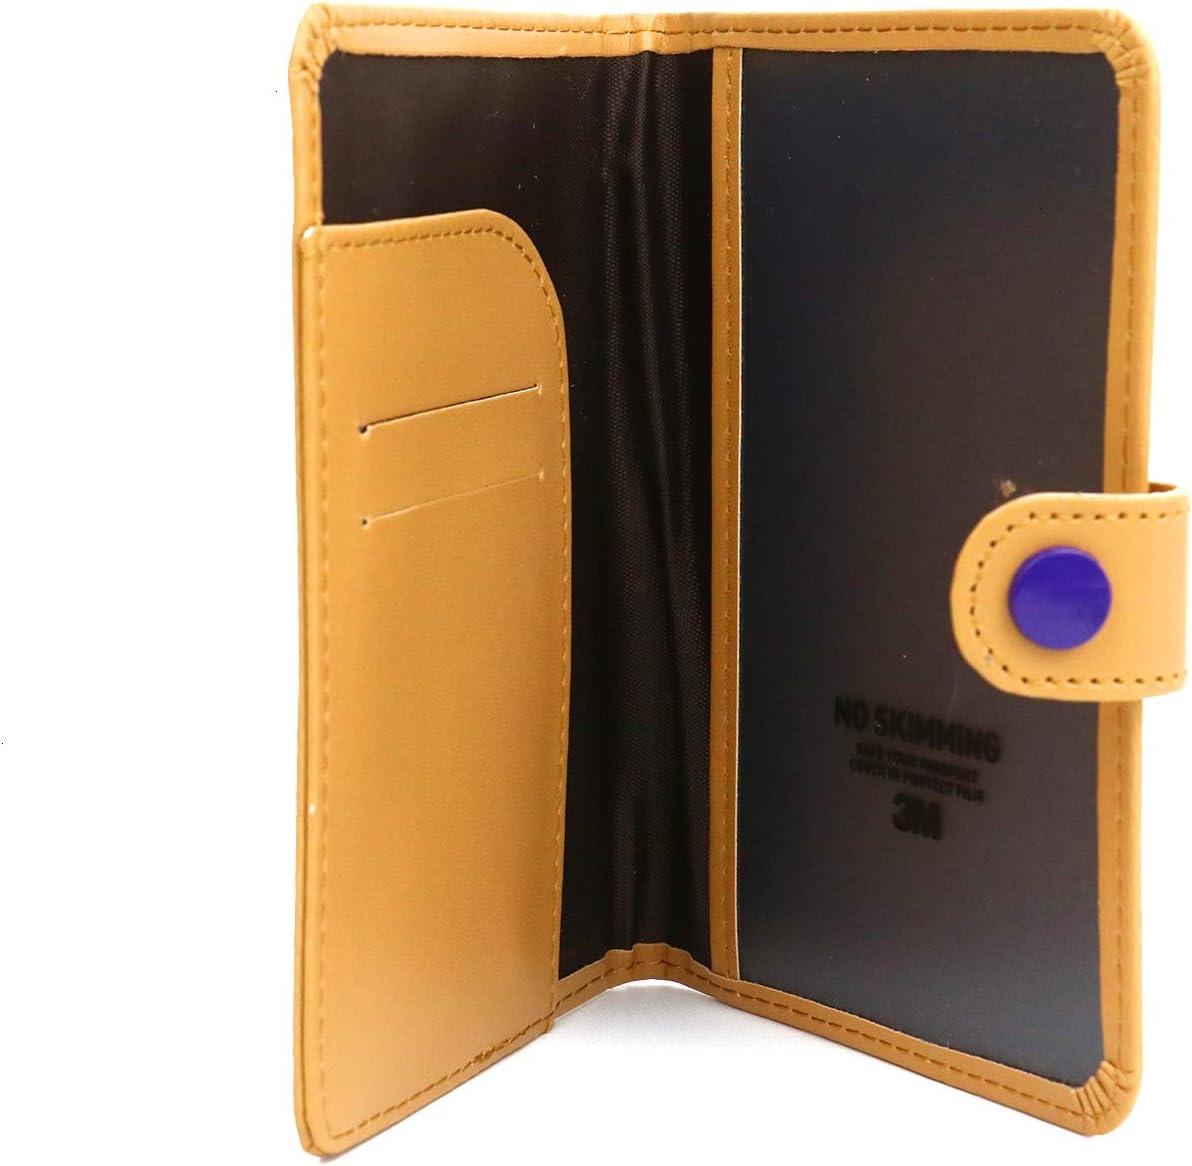 JETEHO Blocking Genuine Passport Wallet Cover Travel Case for Women /& Men